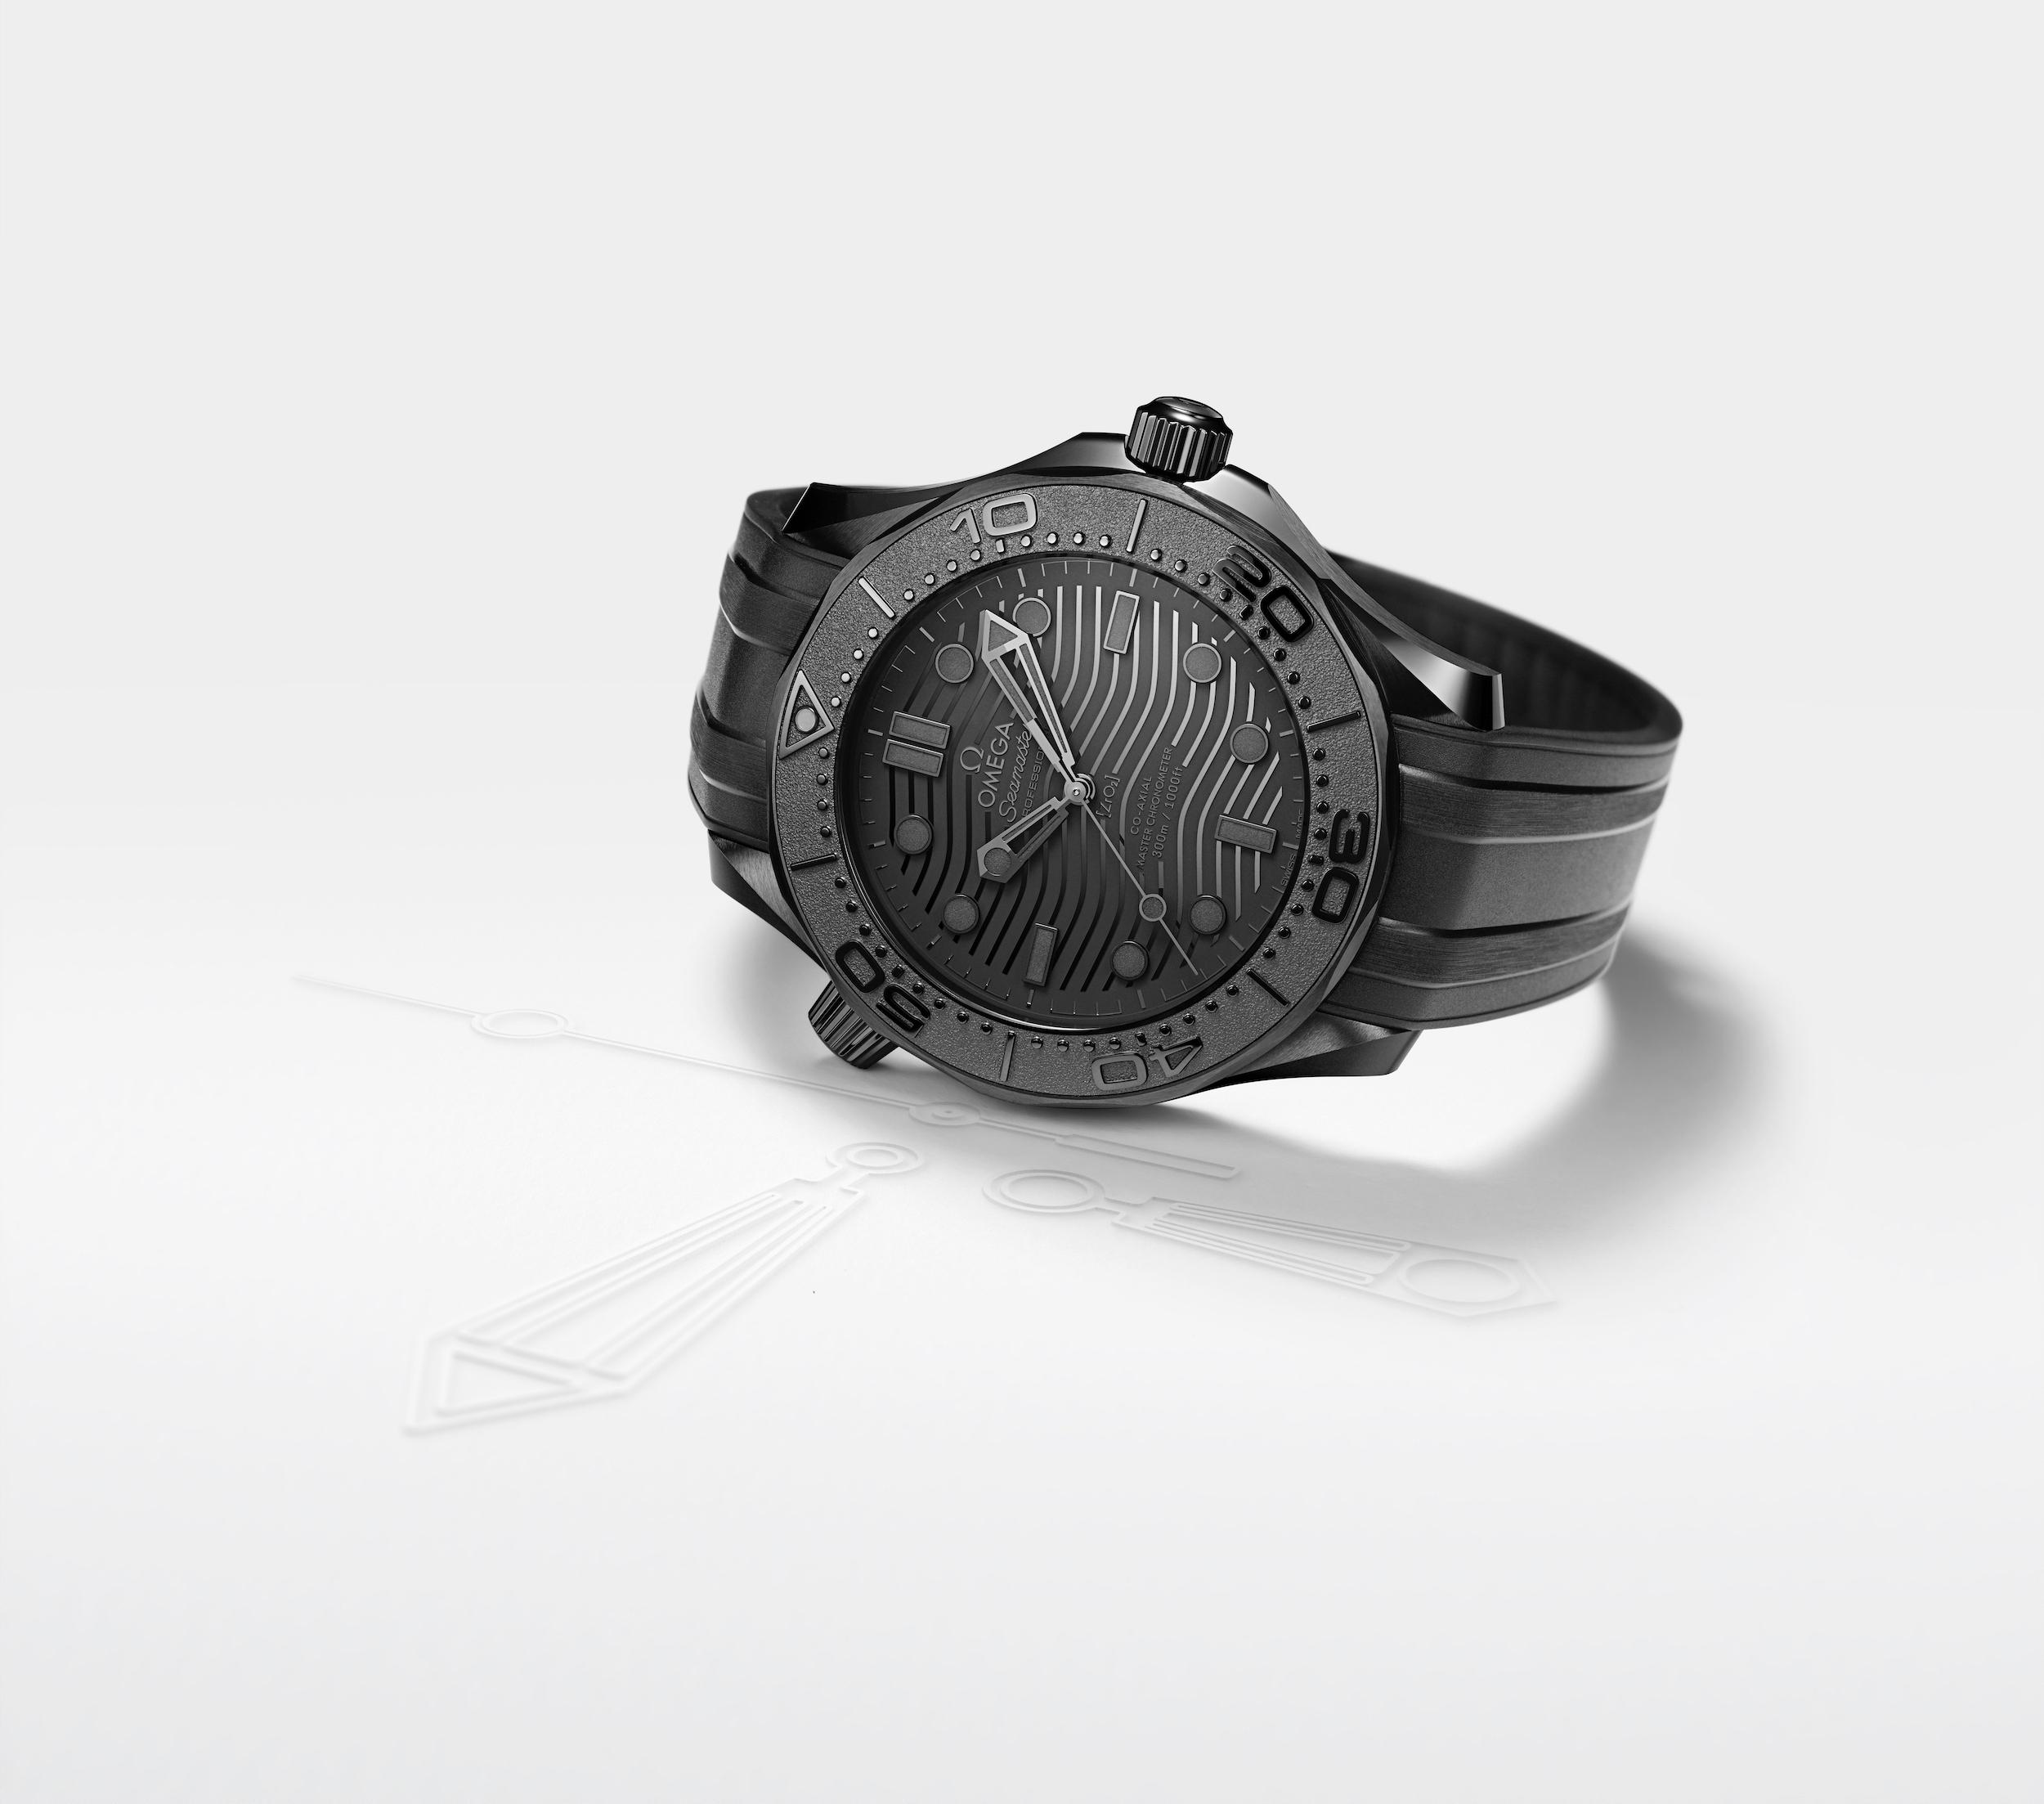 Đánh giá chi tiết đồng hồ Omega Seamaster Diver 300M Black Black